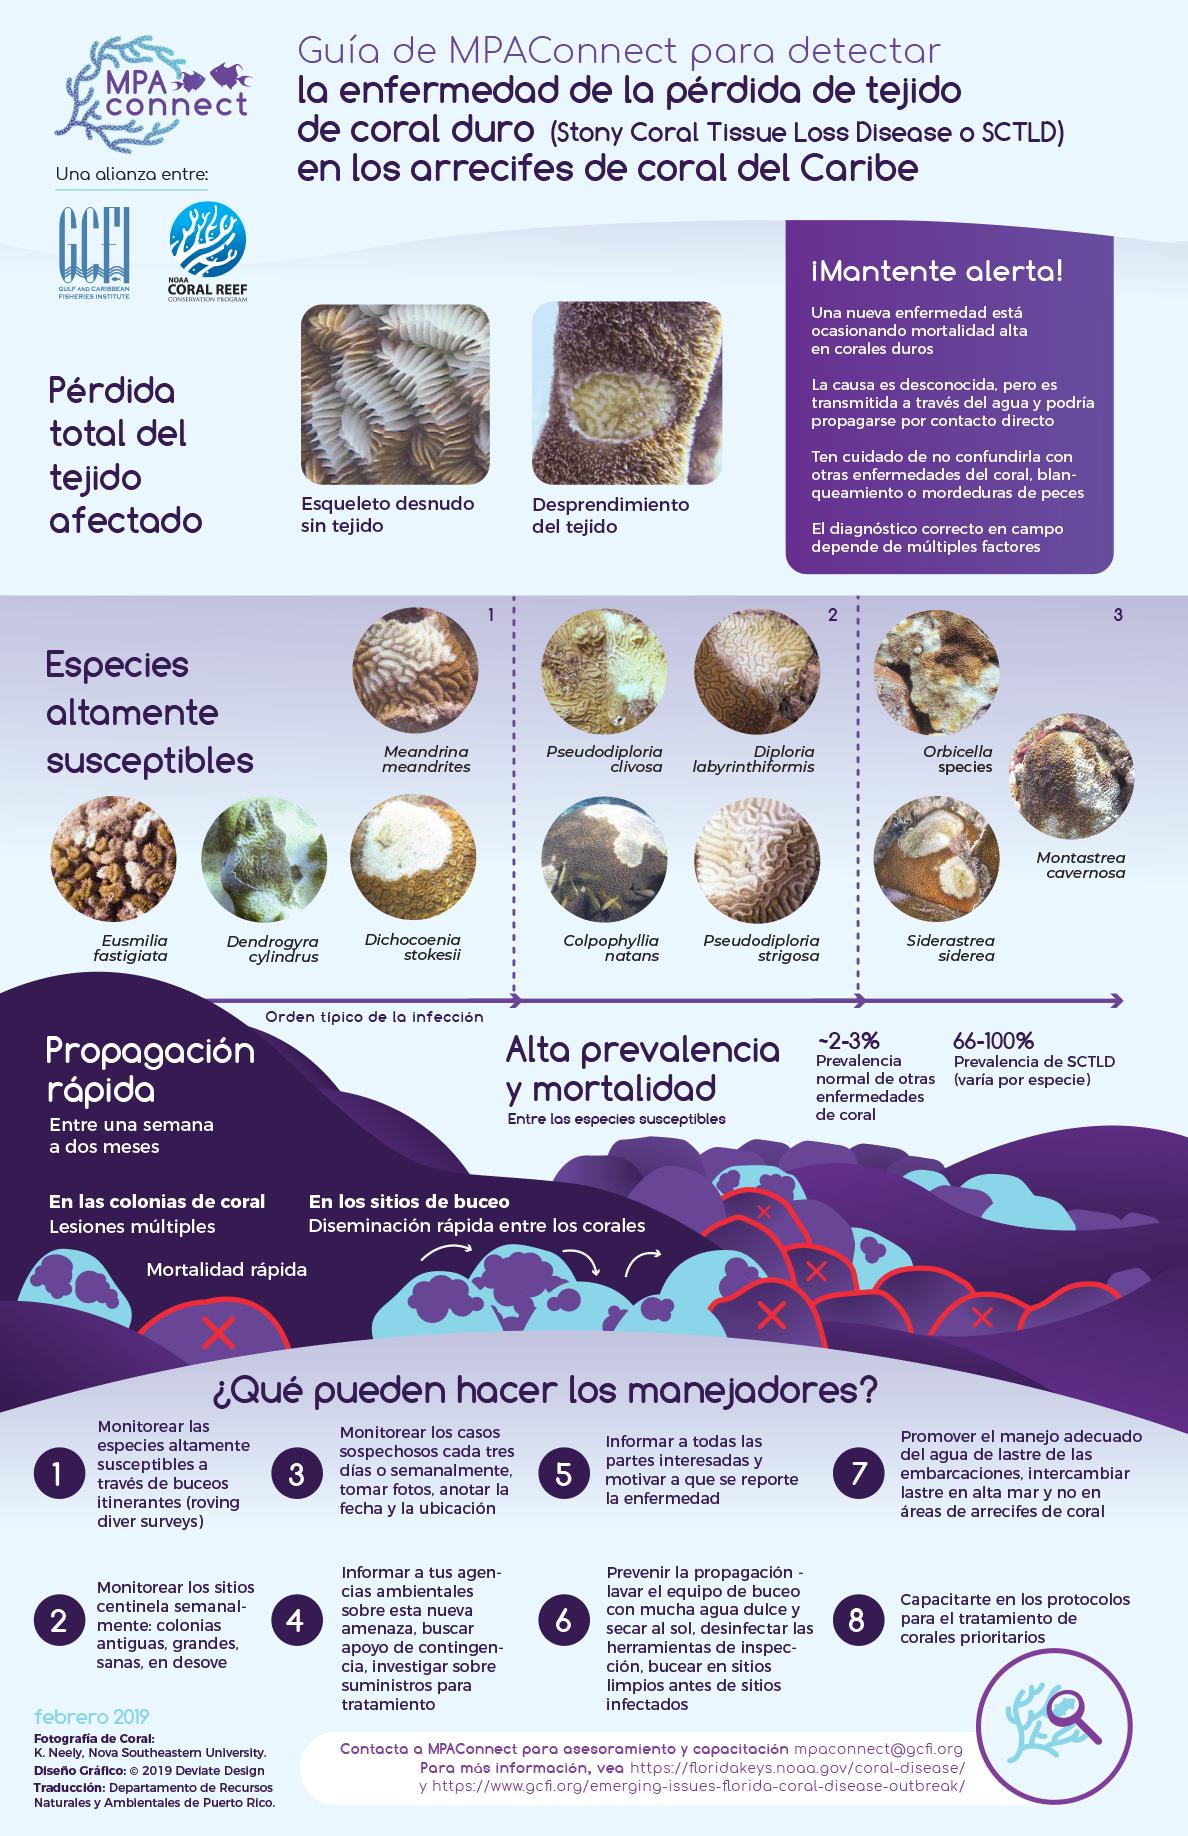 Guía para detectar la enfermedad de corales SCTLD